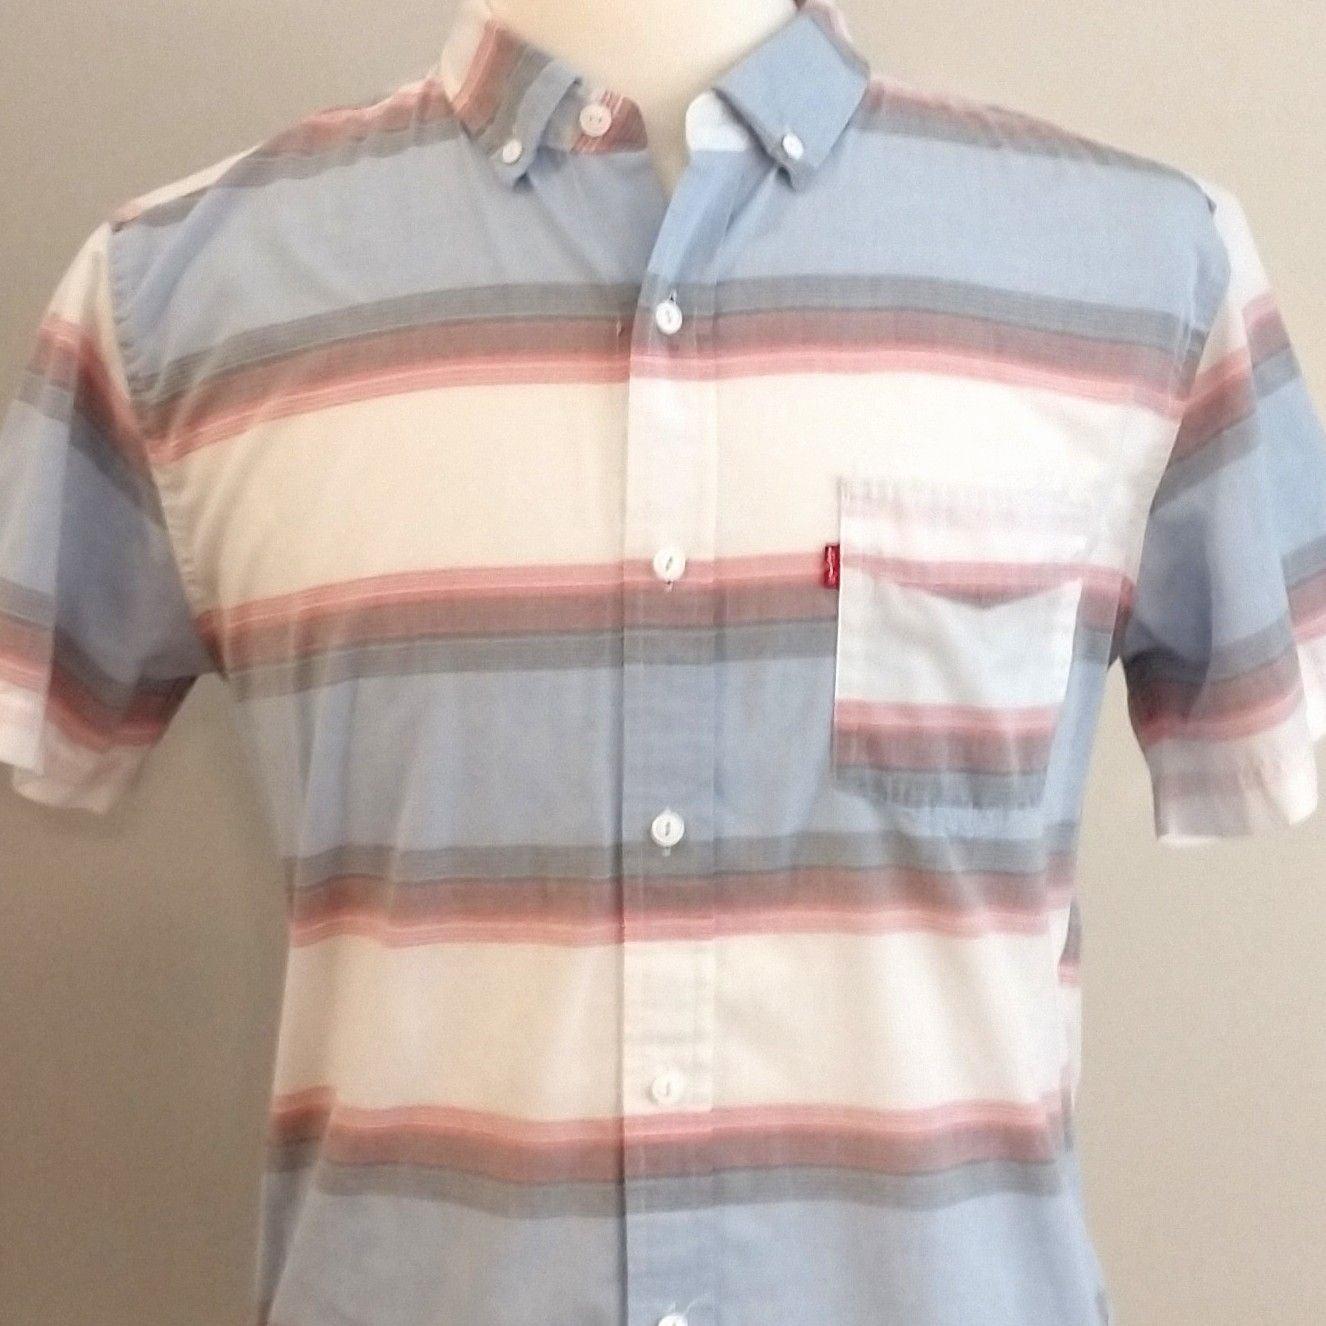 Levi's short sleeve shirt size men's med